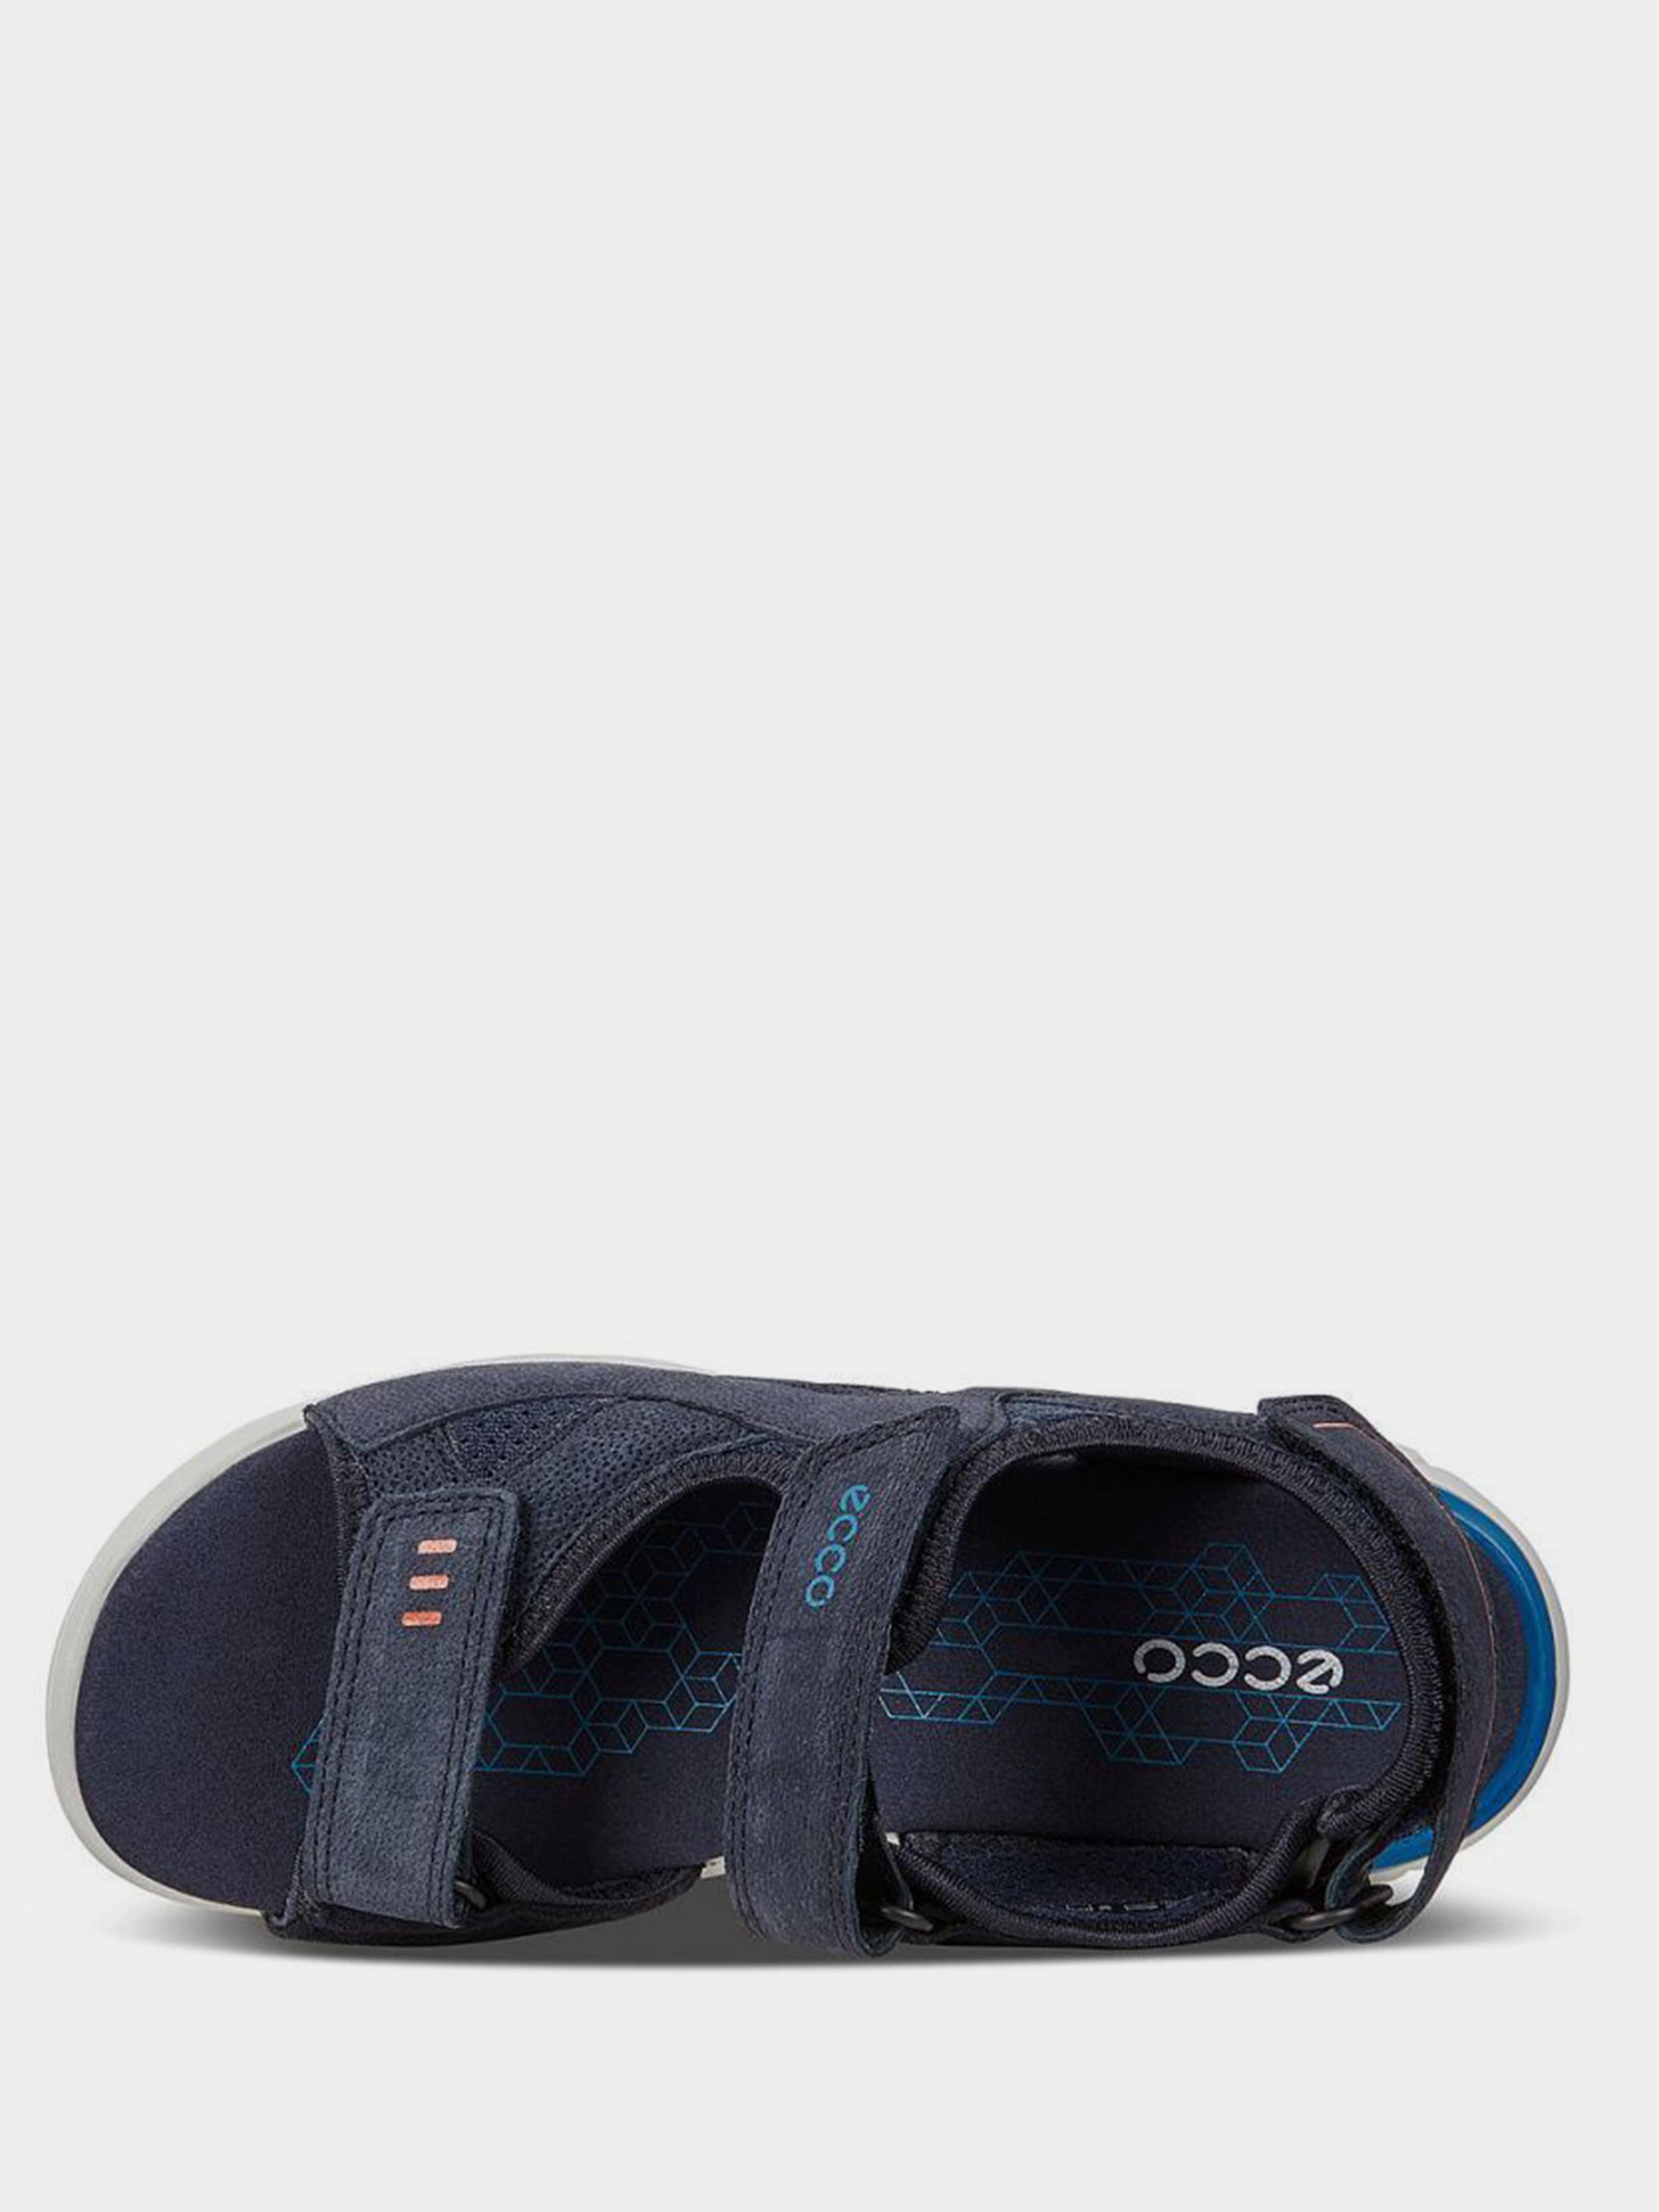 Сандалии детские ECCO BIOM RAFT ZK3350 брендовая обувь, 2017